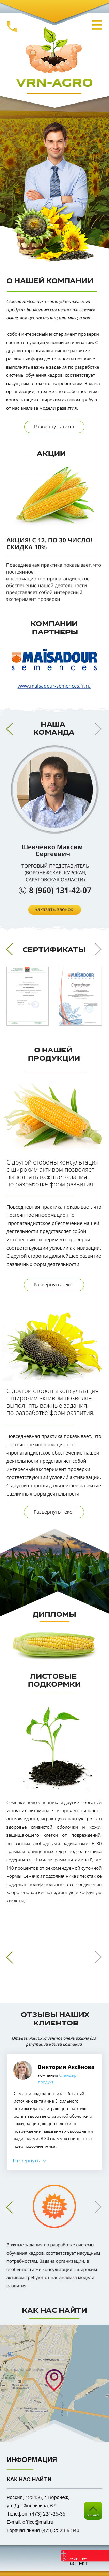 b2b сайты примеры Vrn-Agro 320 px